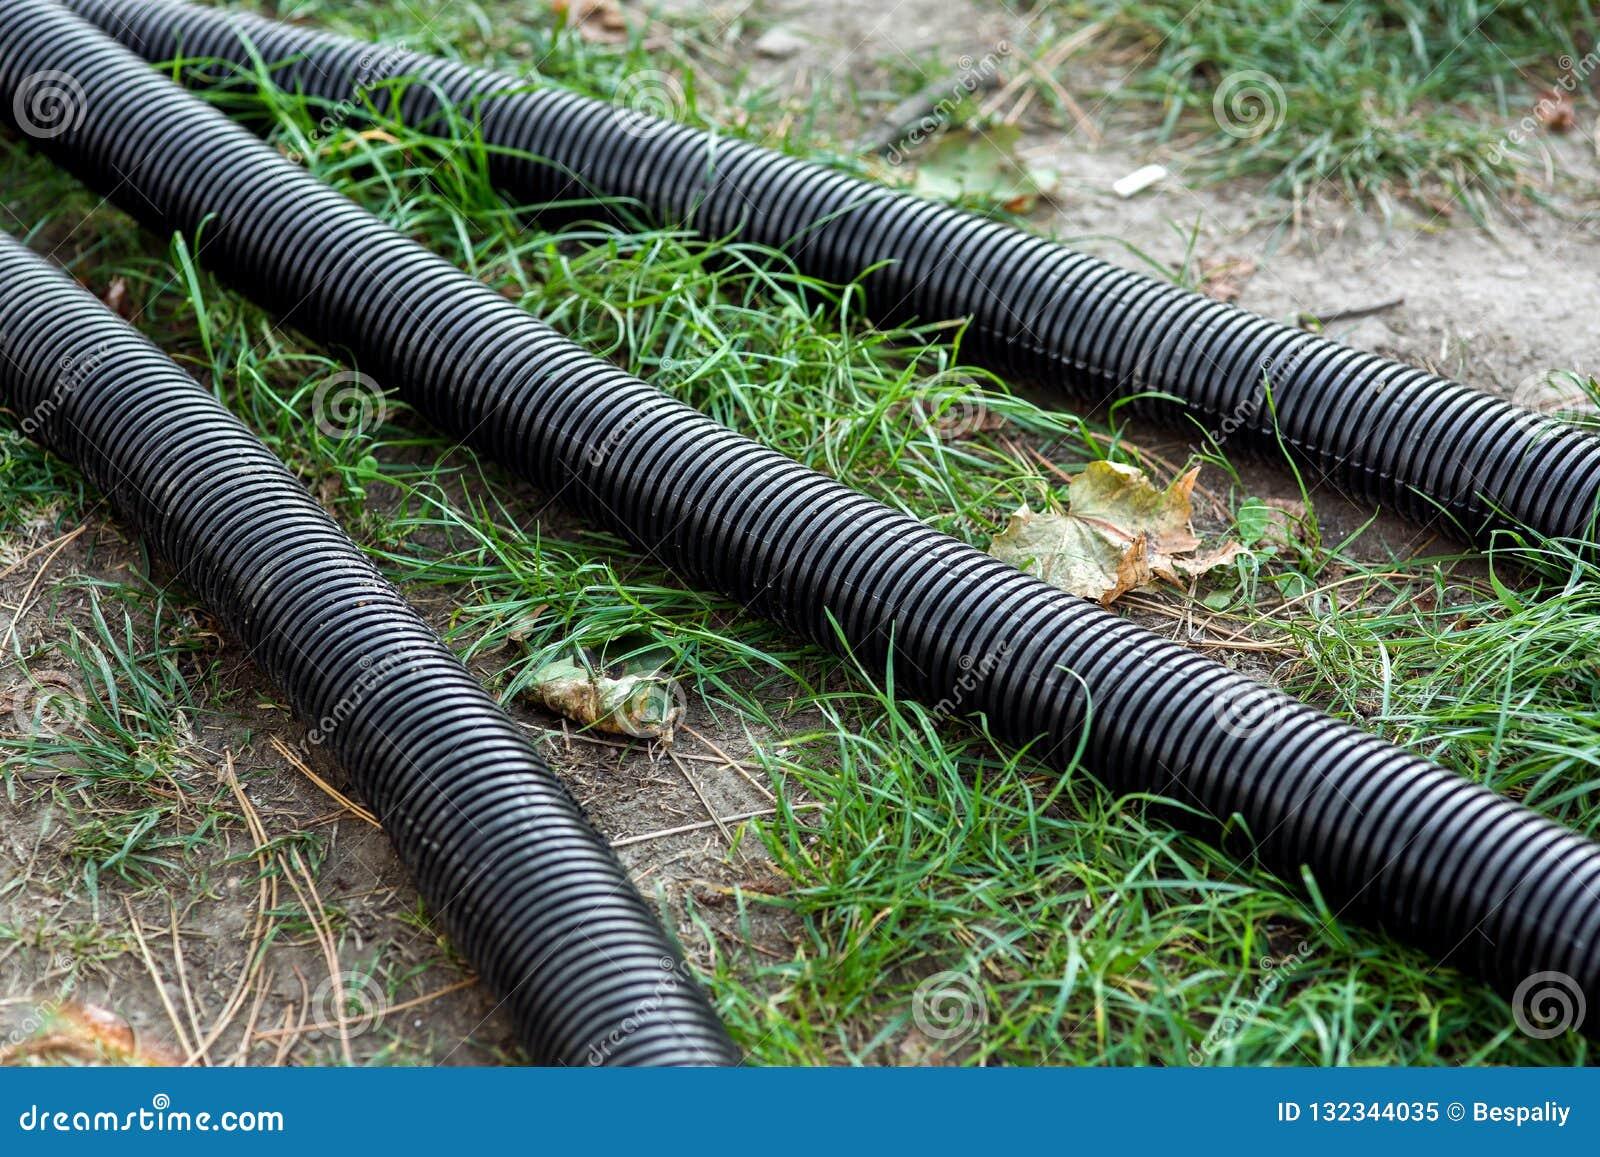 Pvc corrugated pipe black colore.